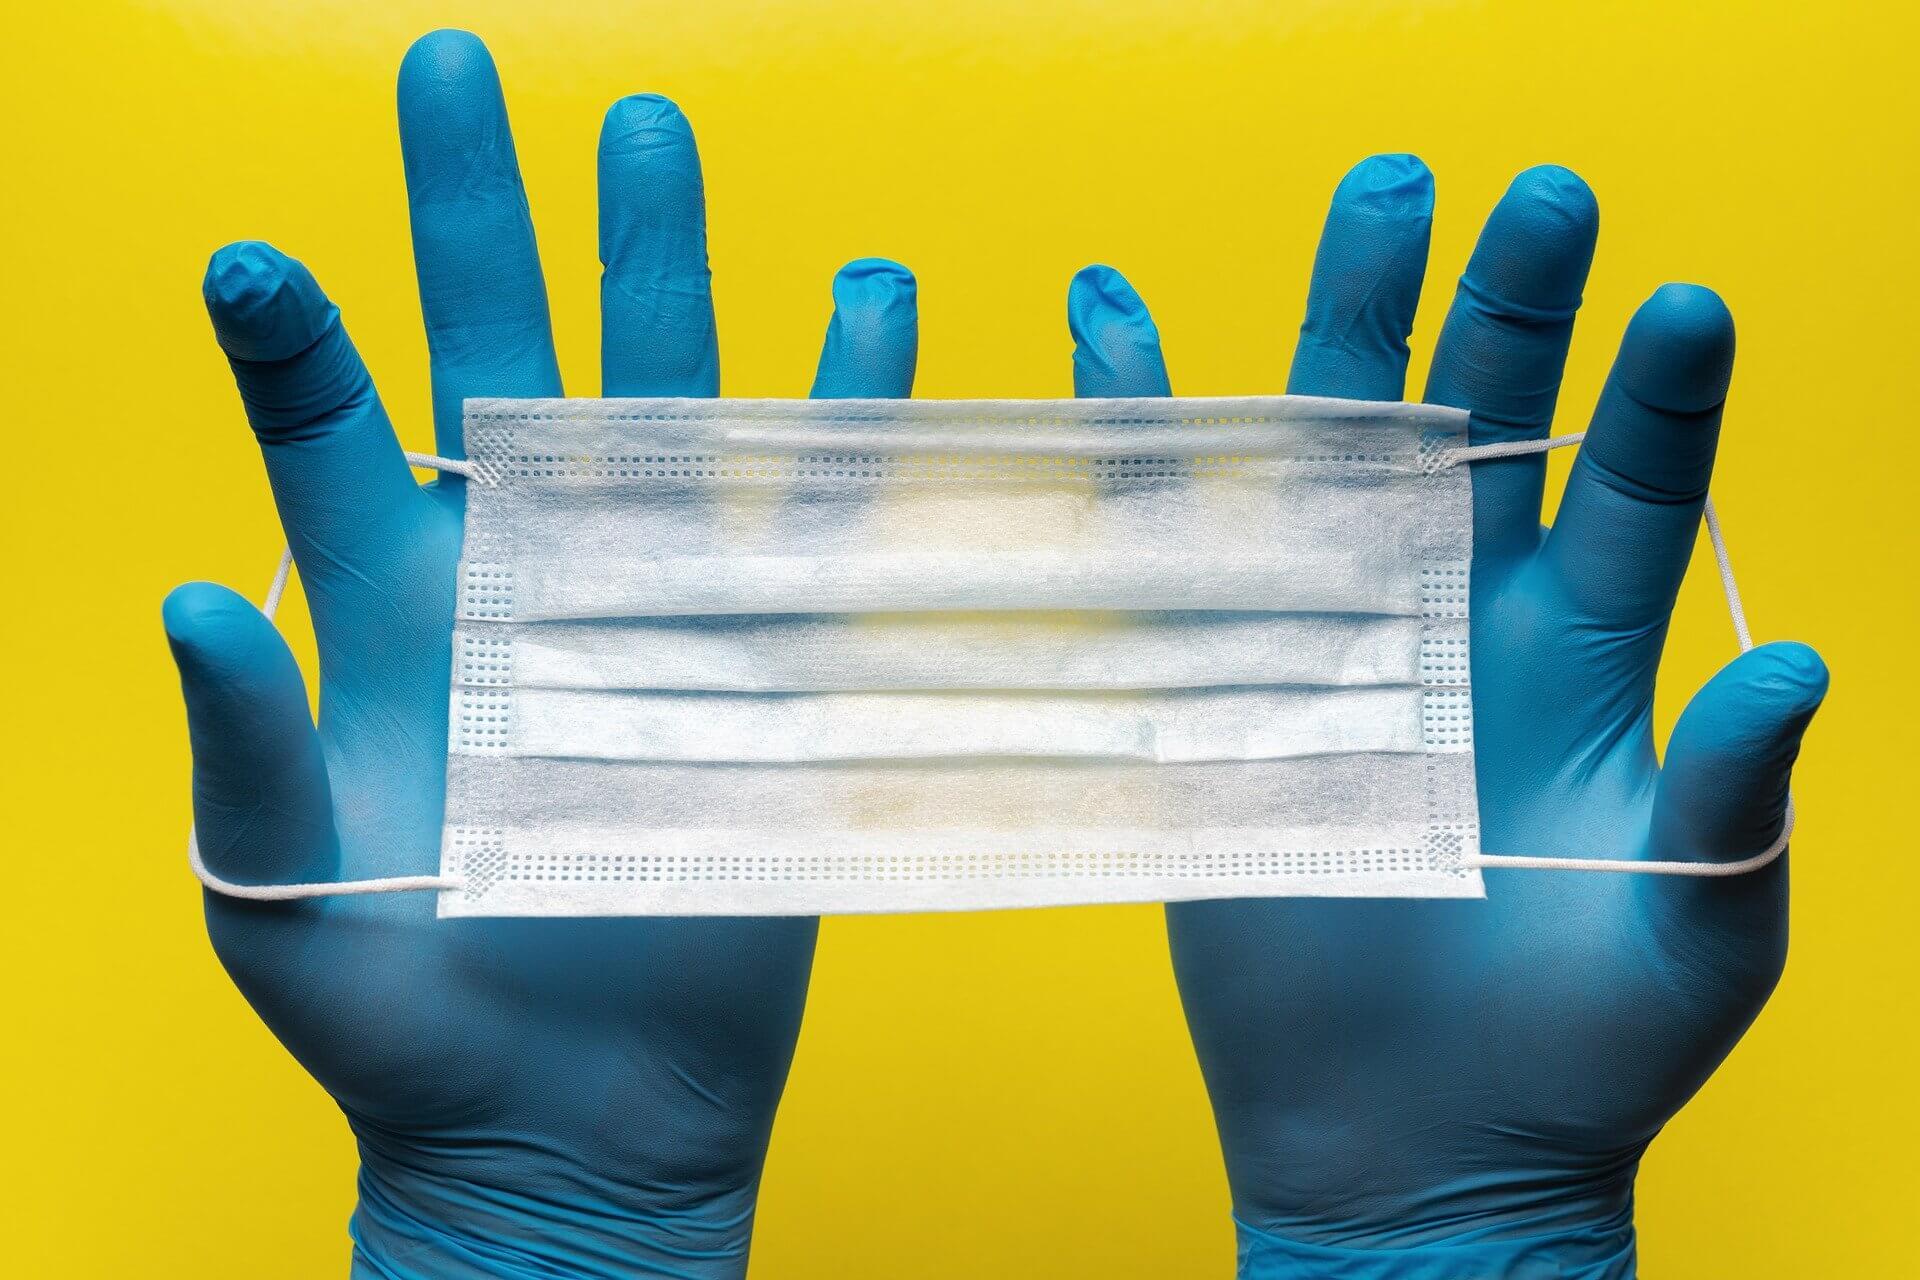 due mani con guanti blu che allargano una mascherina chirurgica bianca ed azzurra